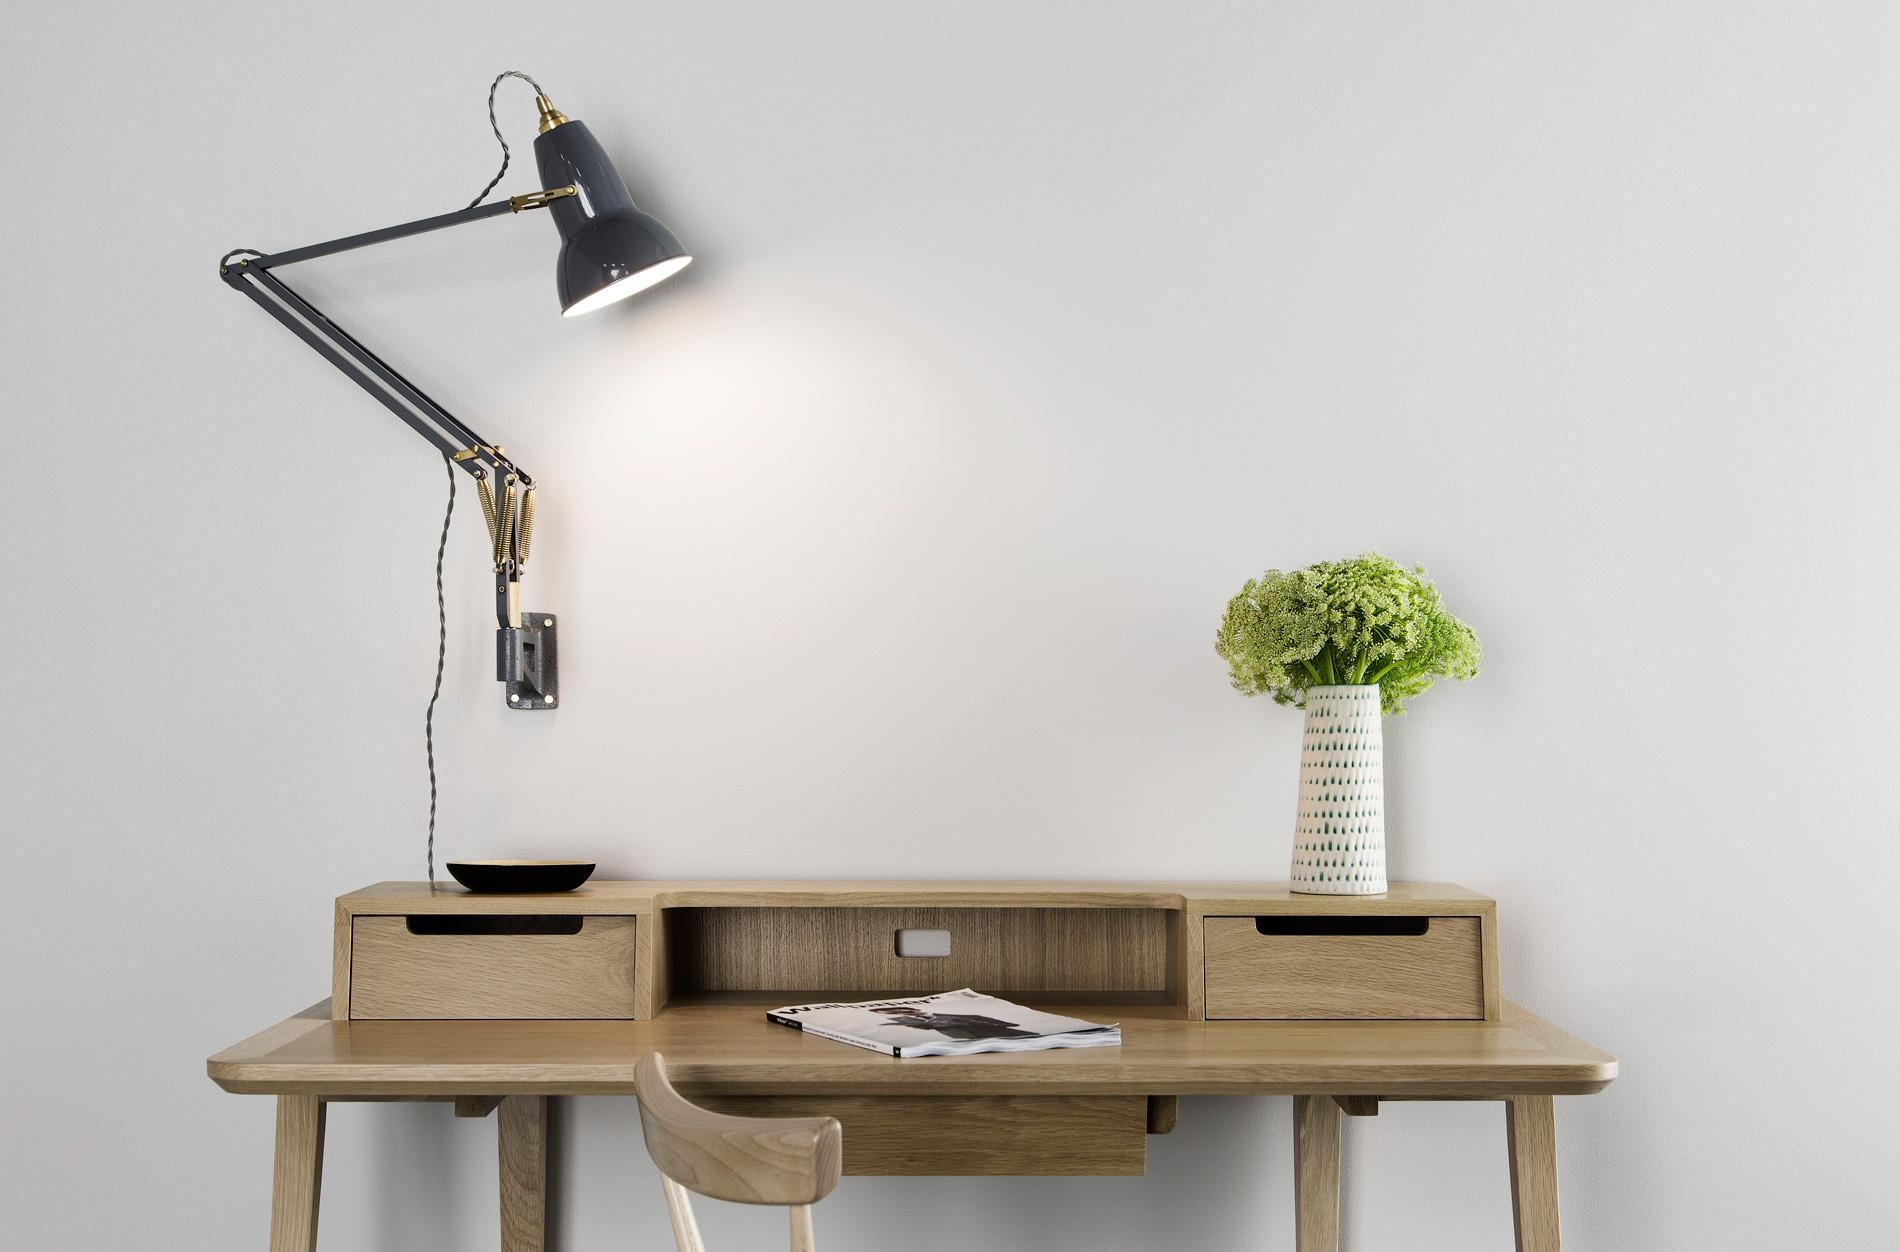 Quel Luminaire Pour Plafond Avec Poutre �clairage int�rieur : les cinq erreurs � �viter - madame figaro